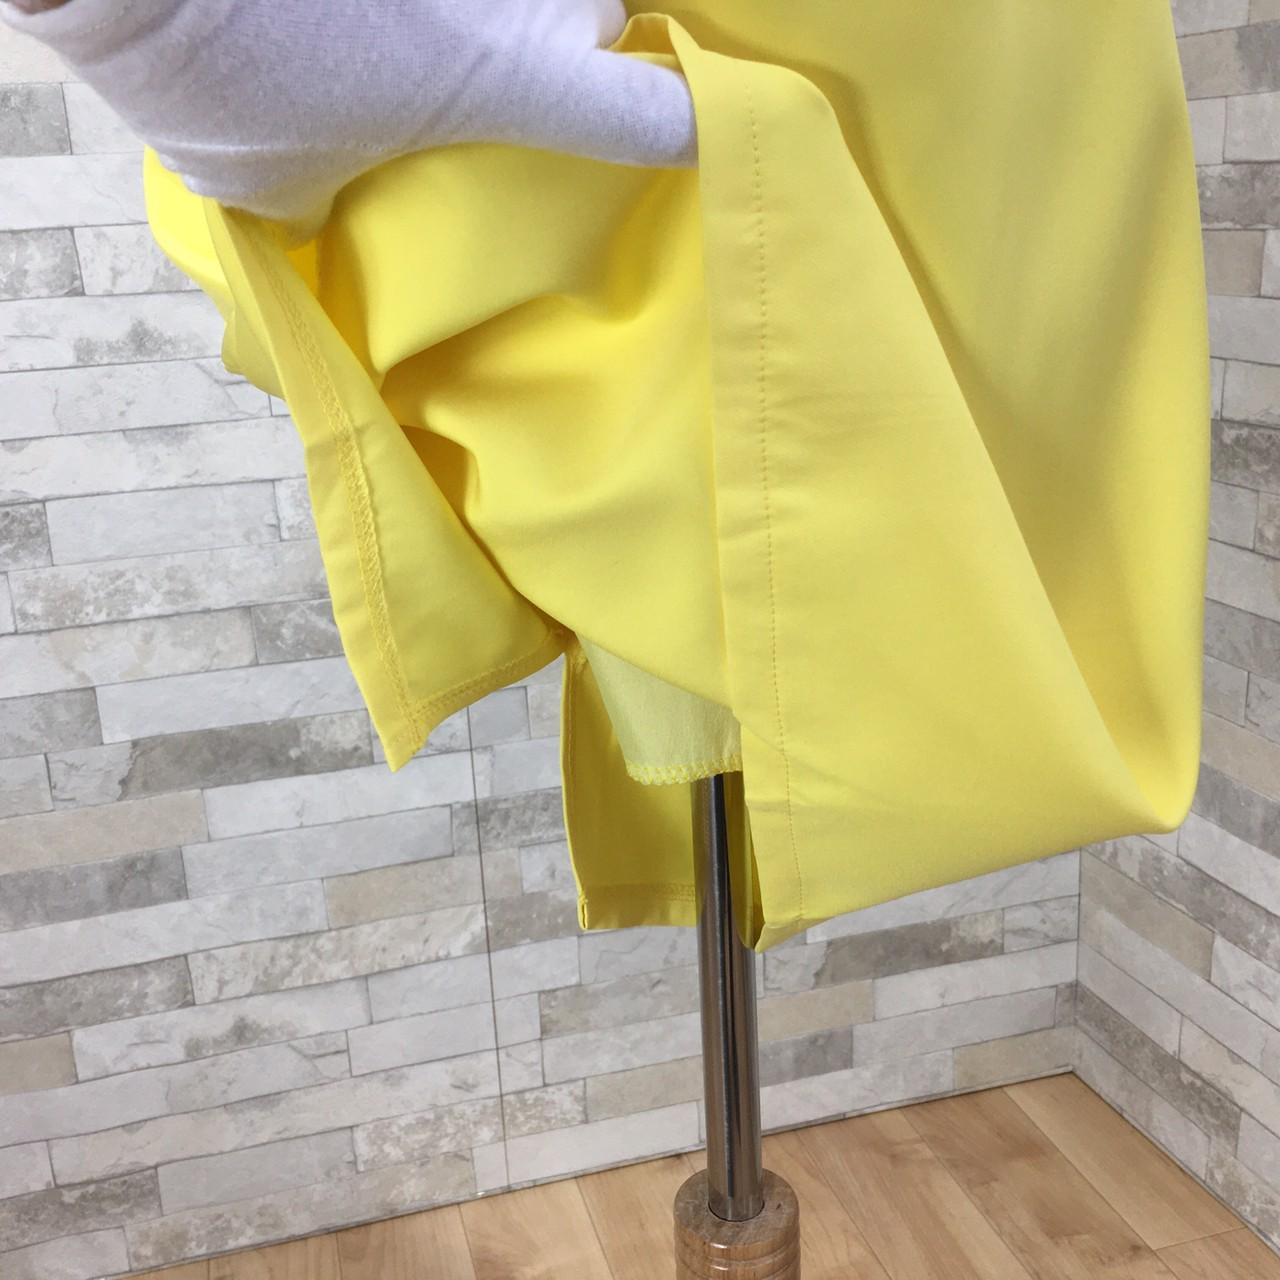 韓国 ファッション ワンピース パーティードレス ショート ミニ丈 夏 春 パーティー ブライダル PTXH937 結婚式 お呼ばれ キレイ色 ベーシックデザイン 着回し シ 二次会 セレブ きれいめの写真16枚目